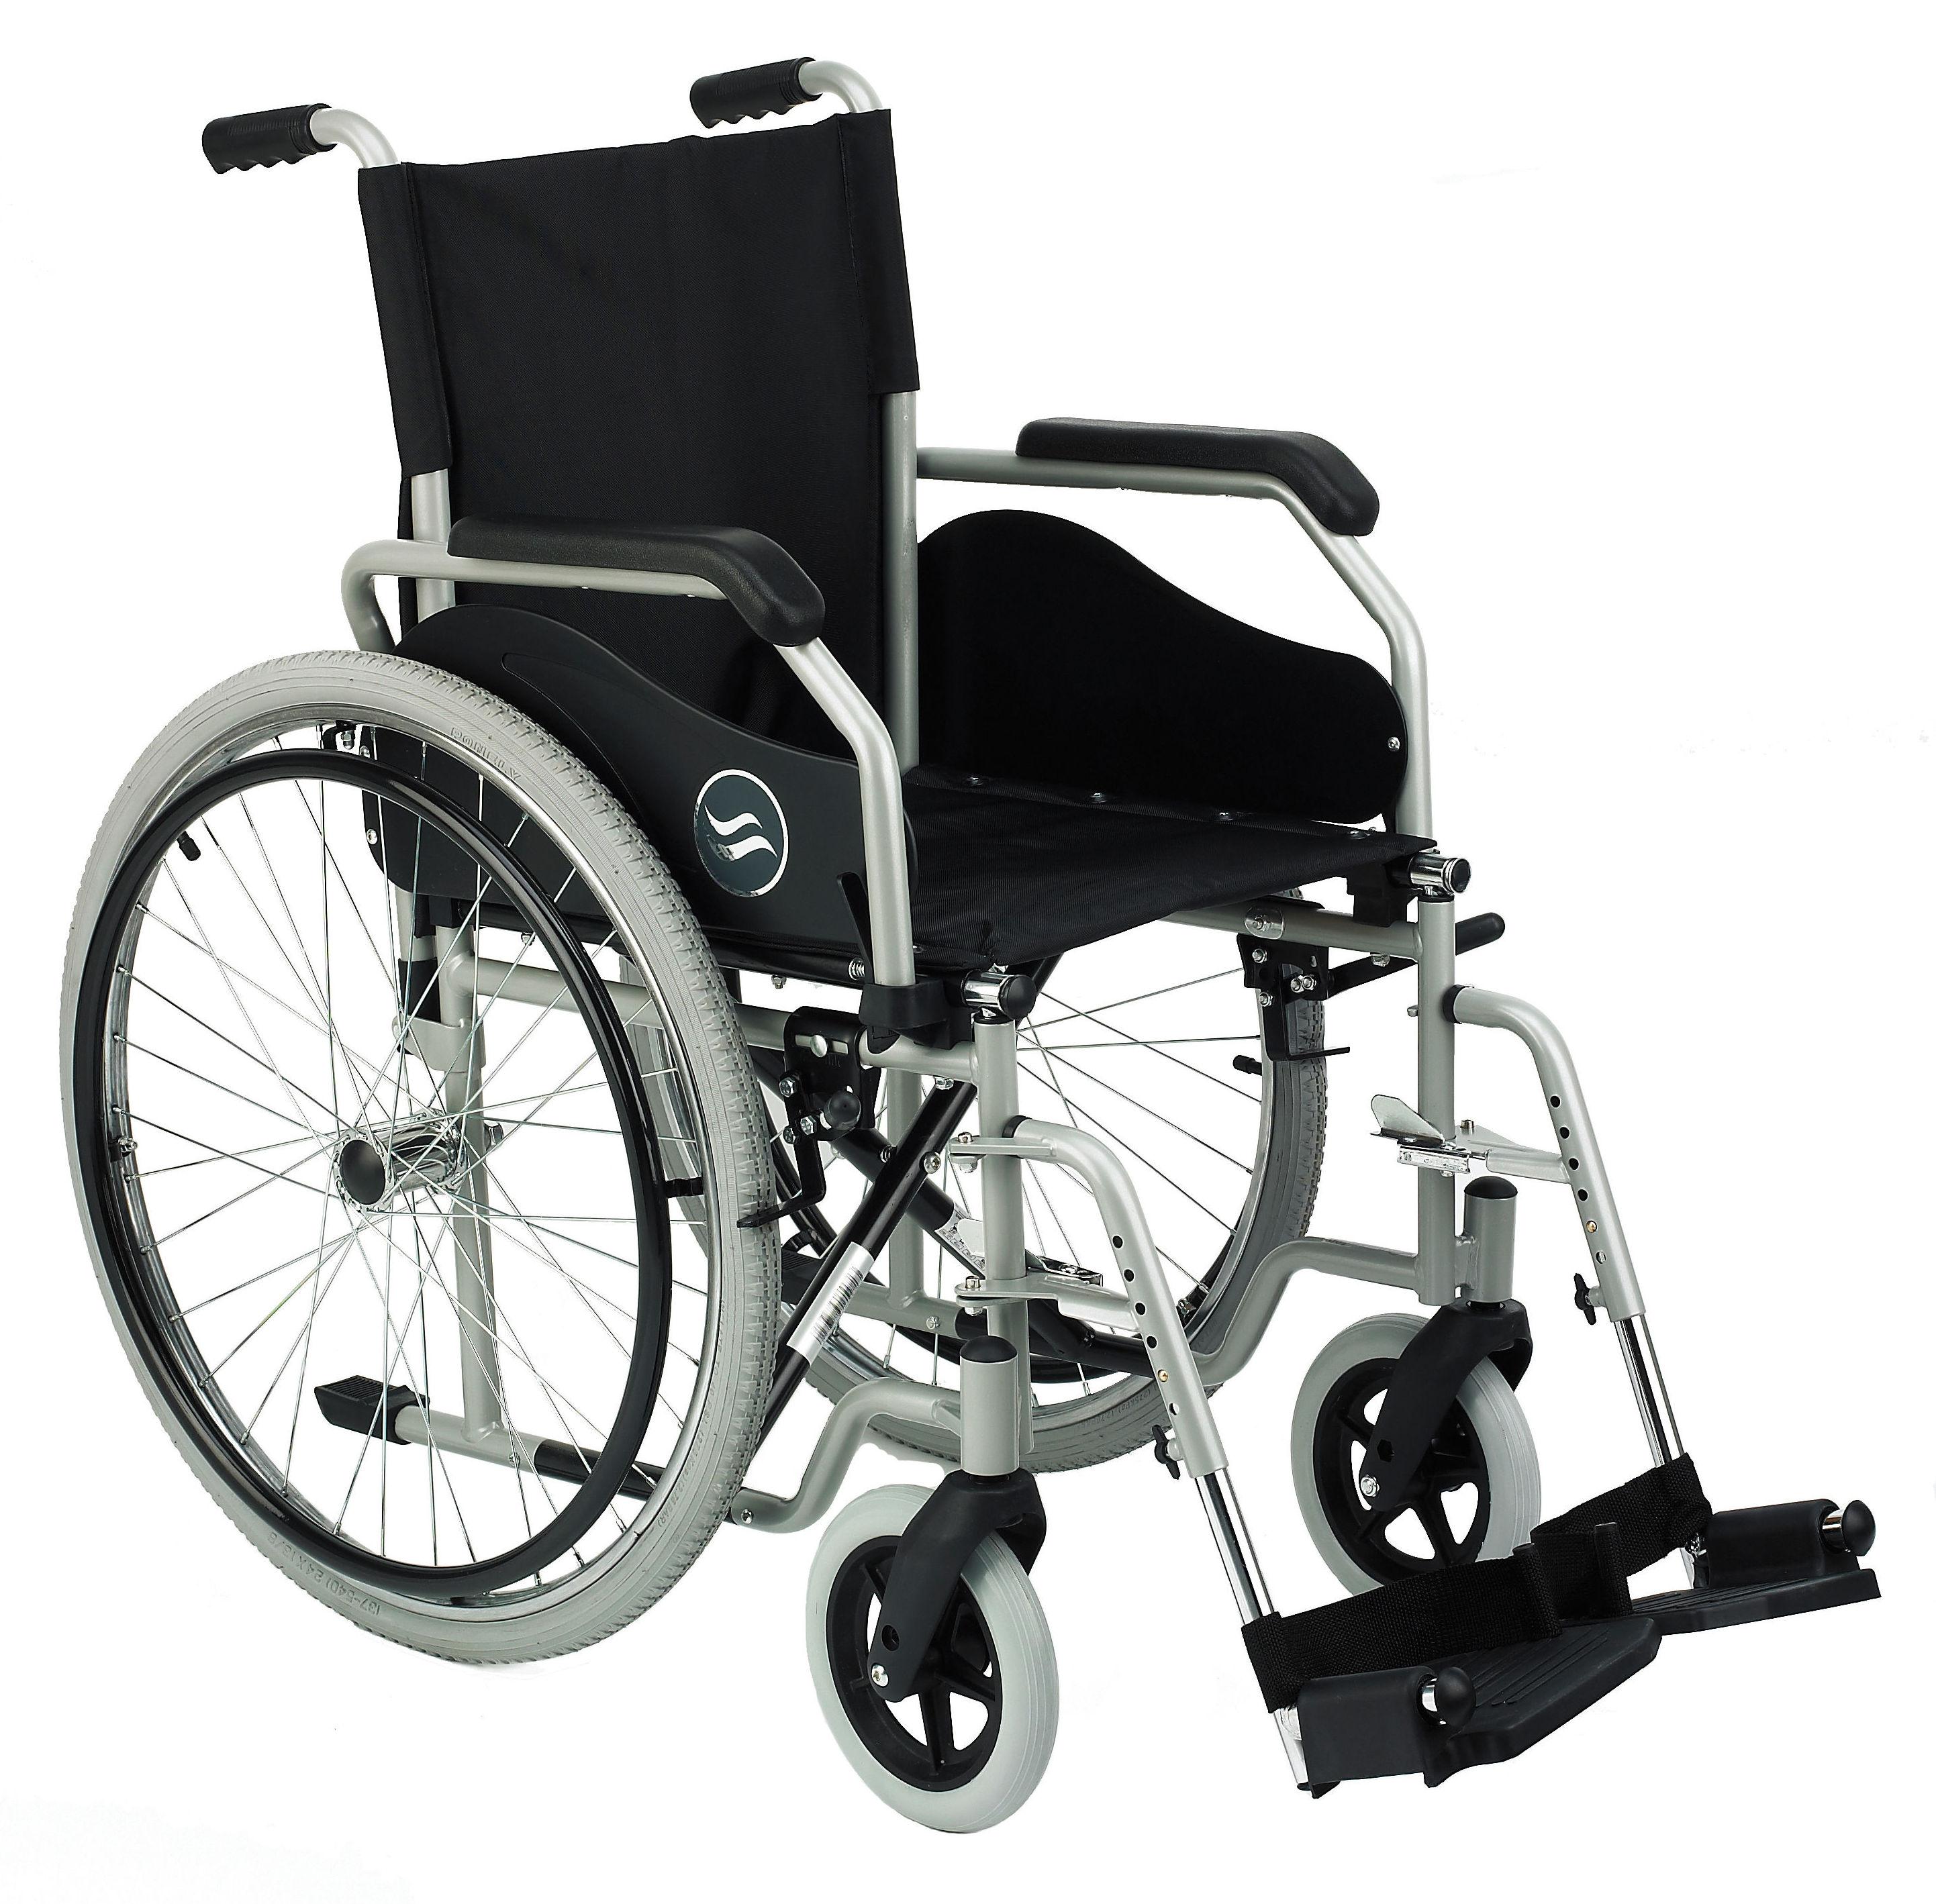 Silla de ruedas manual Breezy 90: Productos y servicios de Ortopedia Delgado, S. L.